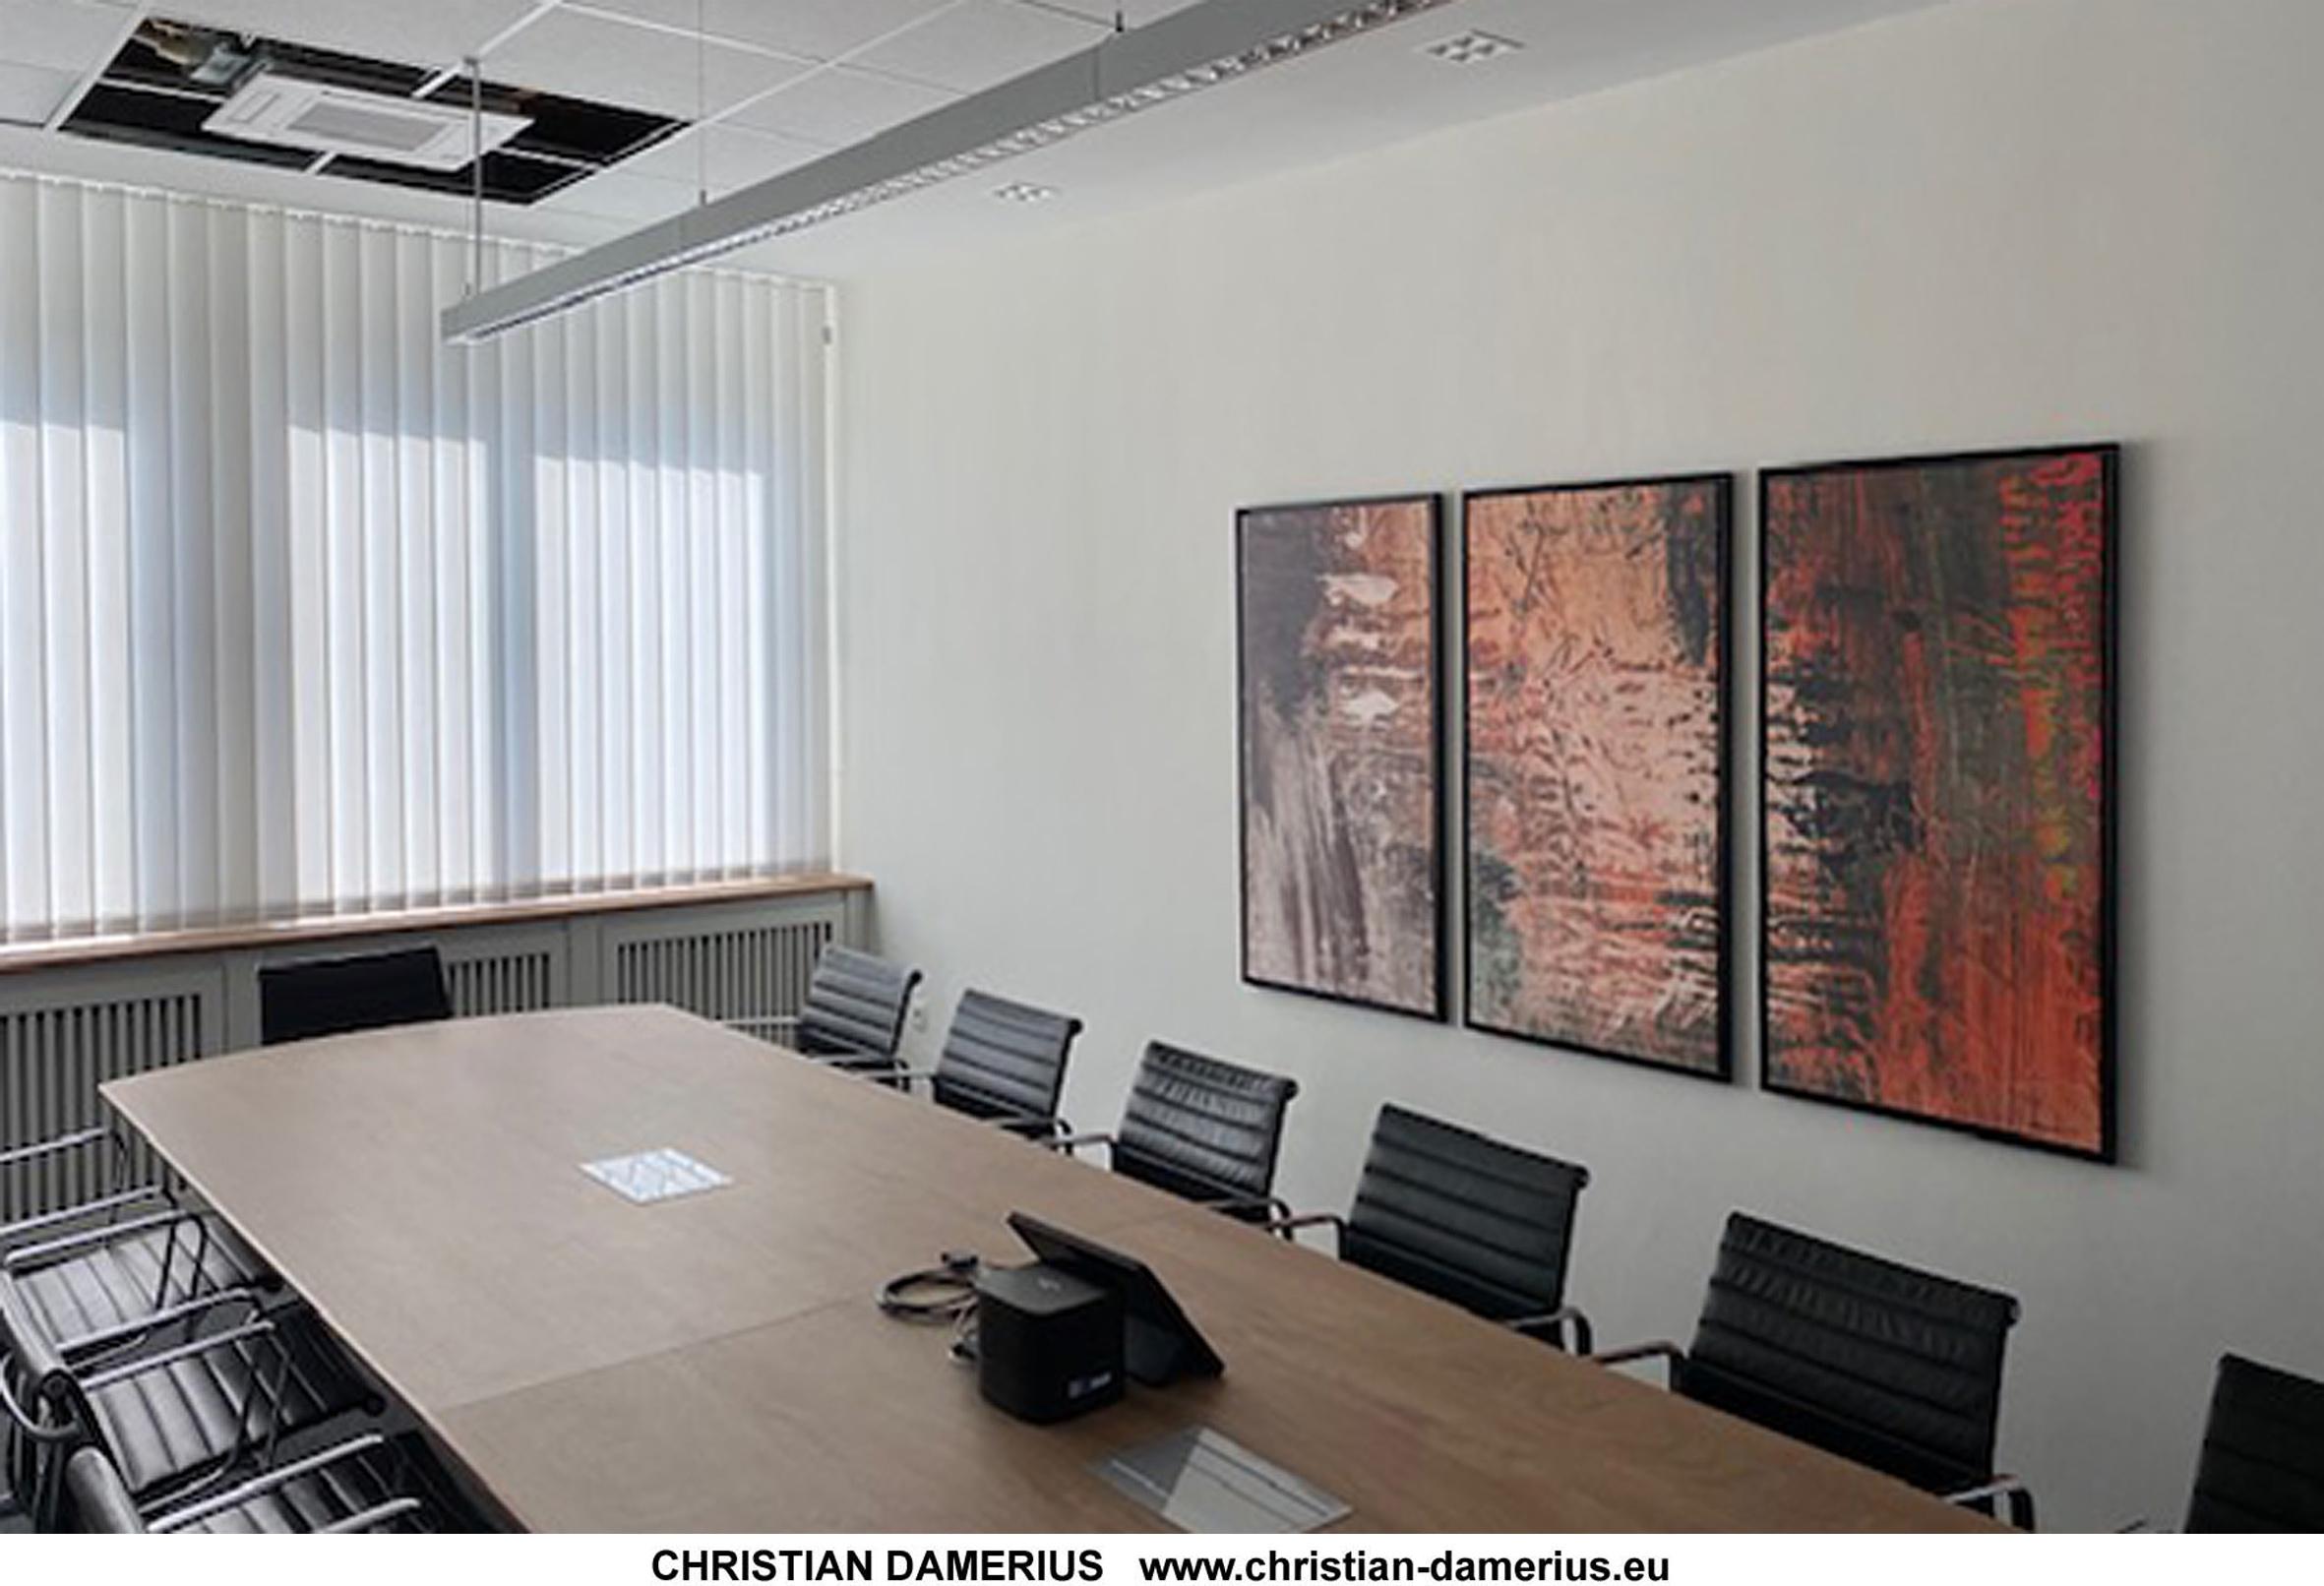 abstraktion9-konferenzraum-christian-damerius,kunstdrucke wandgestaltung,kunstdrucke für konferenzräume,gemälde,online kaufen.bilder für büros und wohnräume,